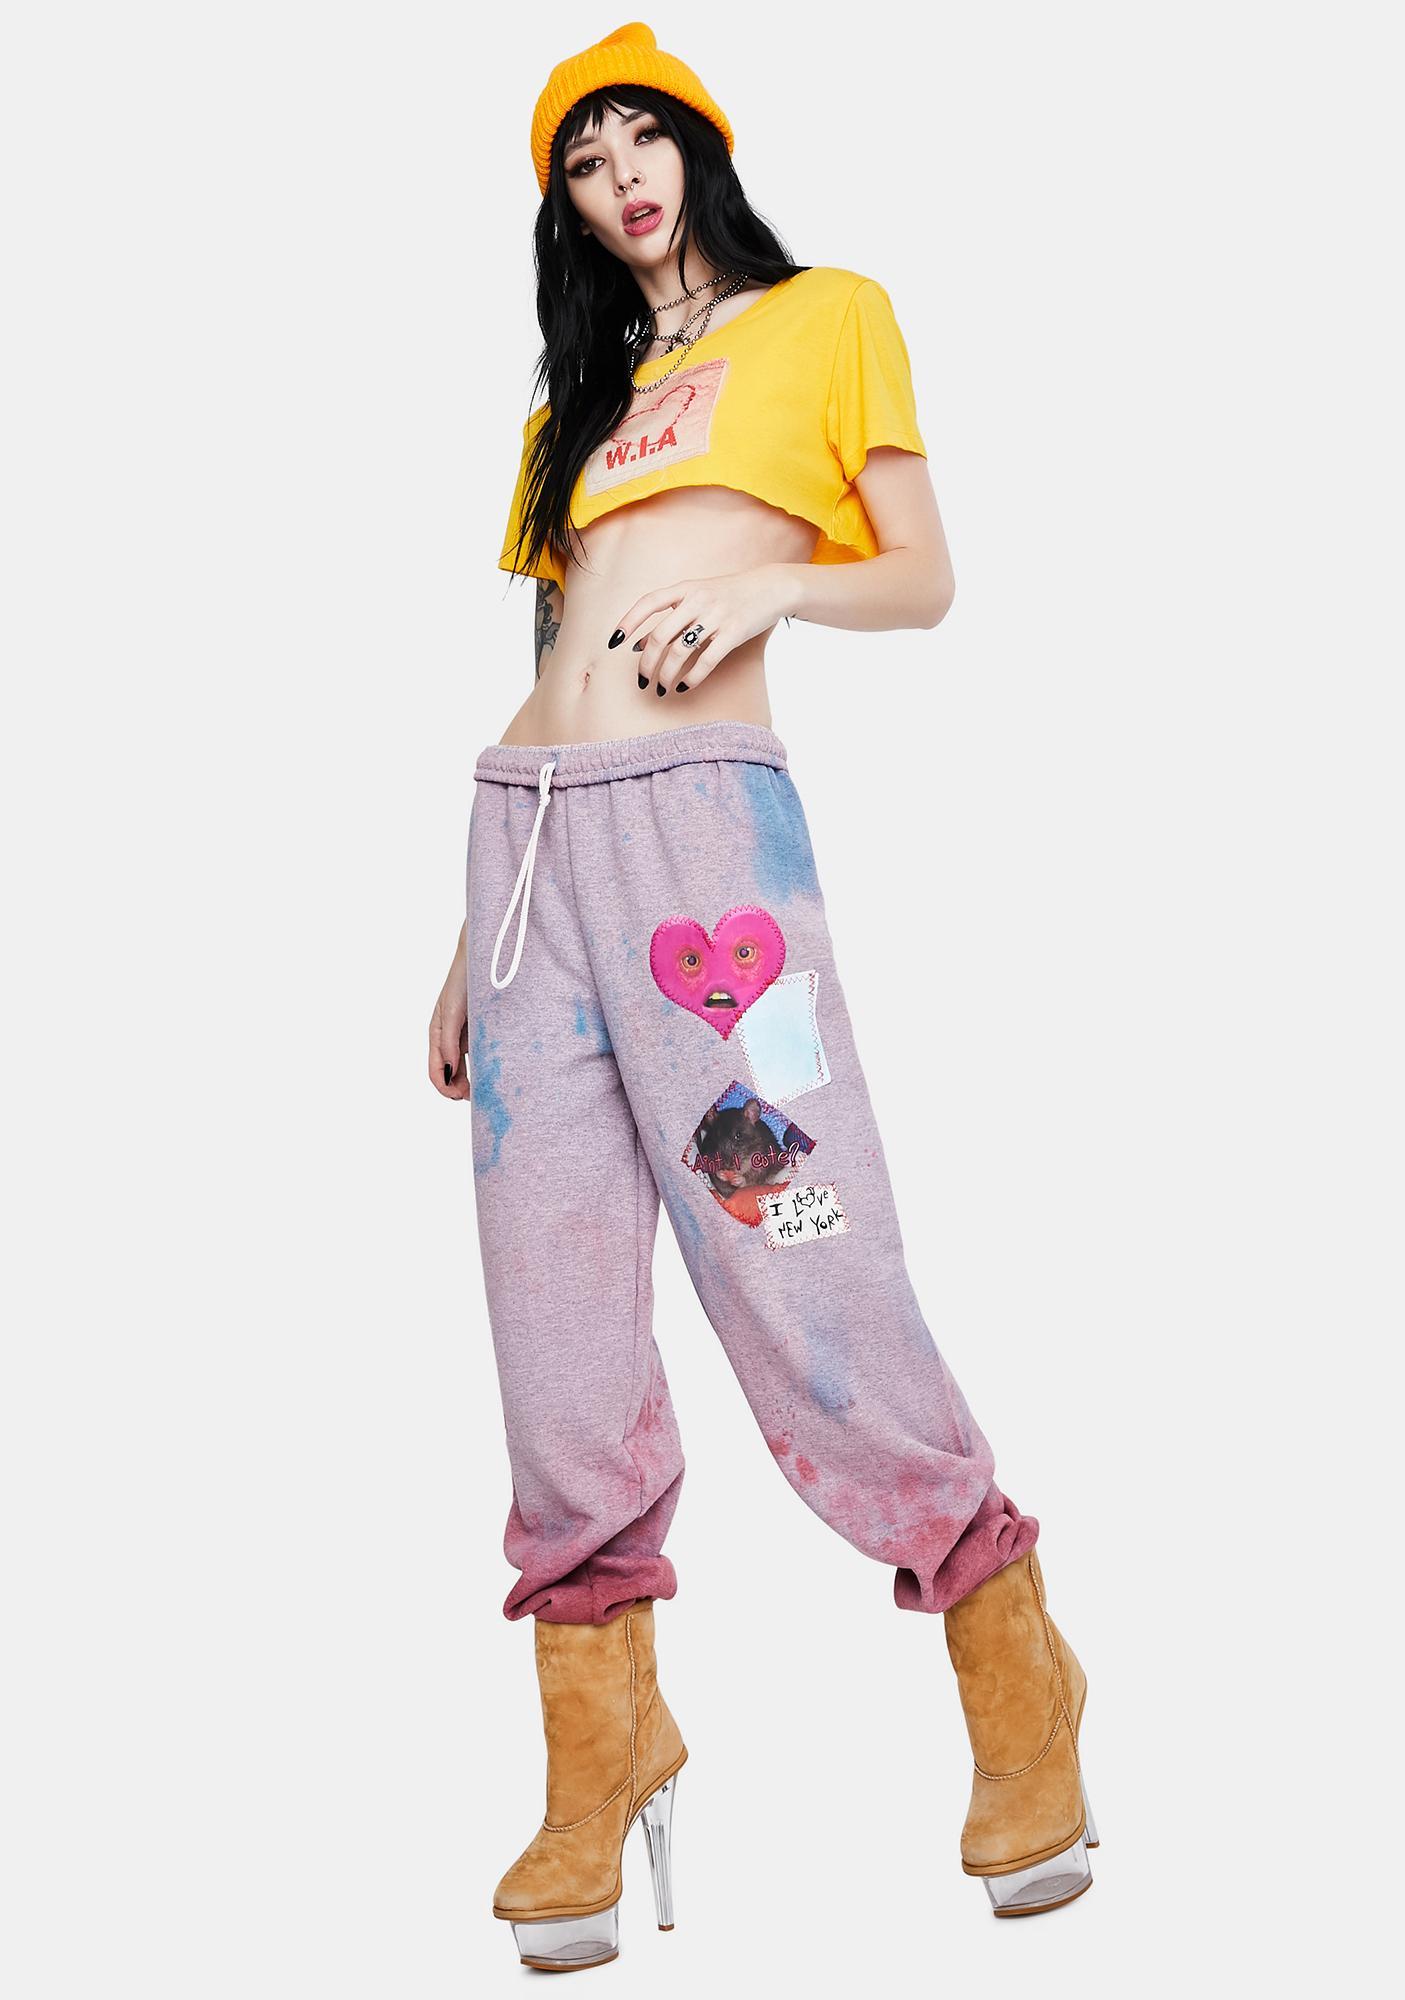 Marsanne Brands NYC QT Patchwork Sweatpants